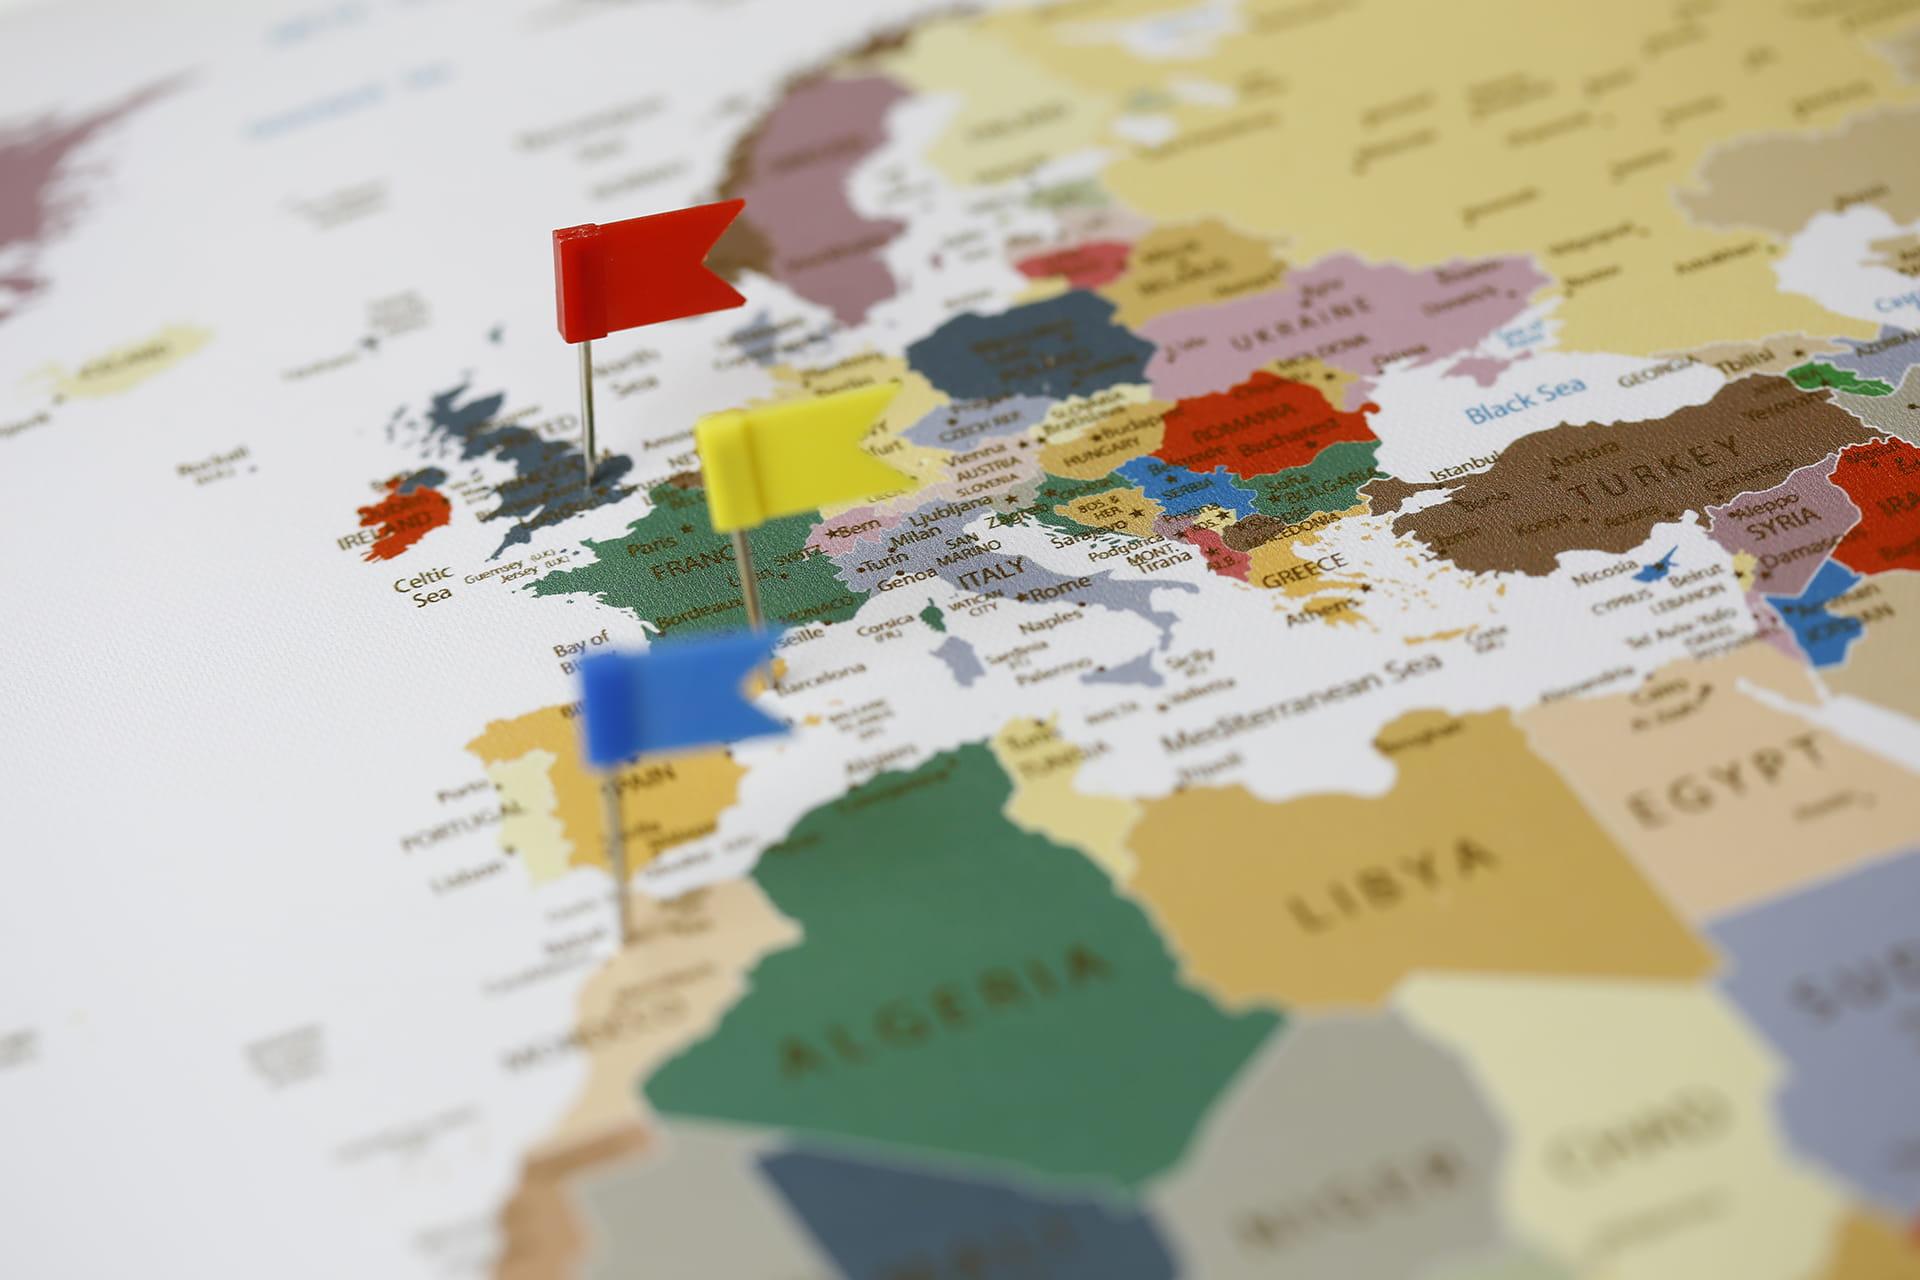 mapa na korkowej tablicy orkowa mapa kolorowa ścienna